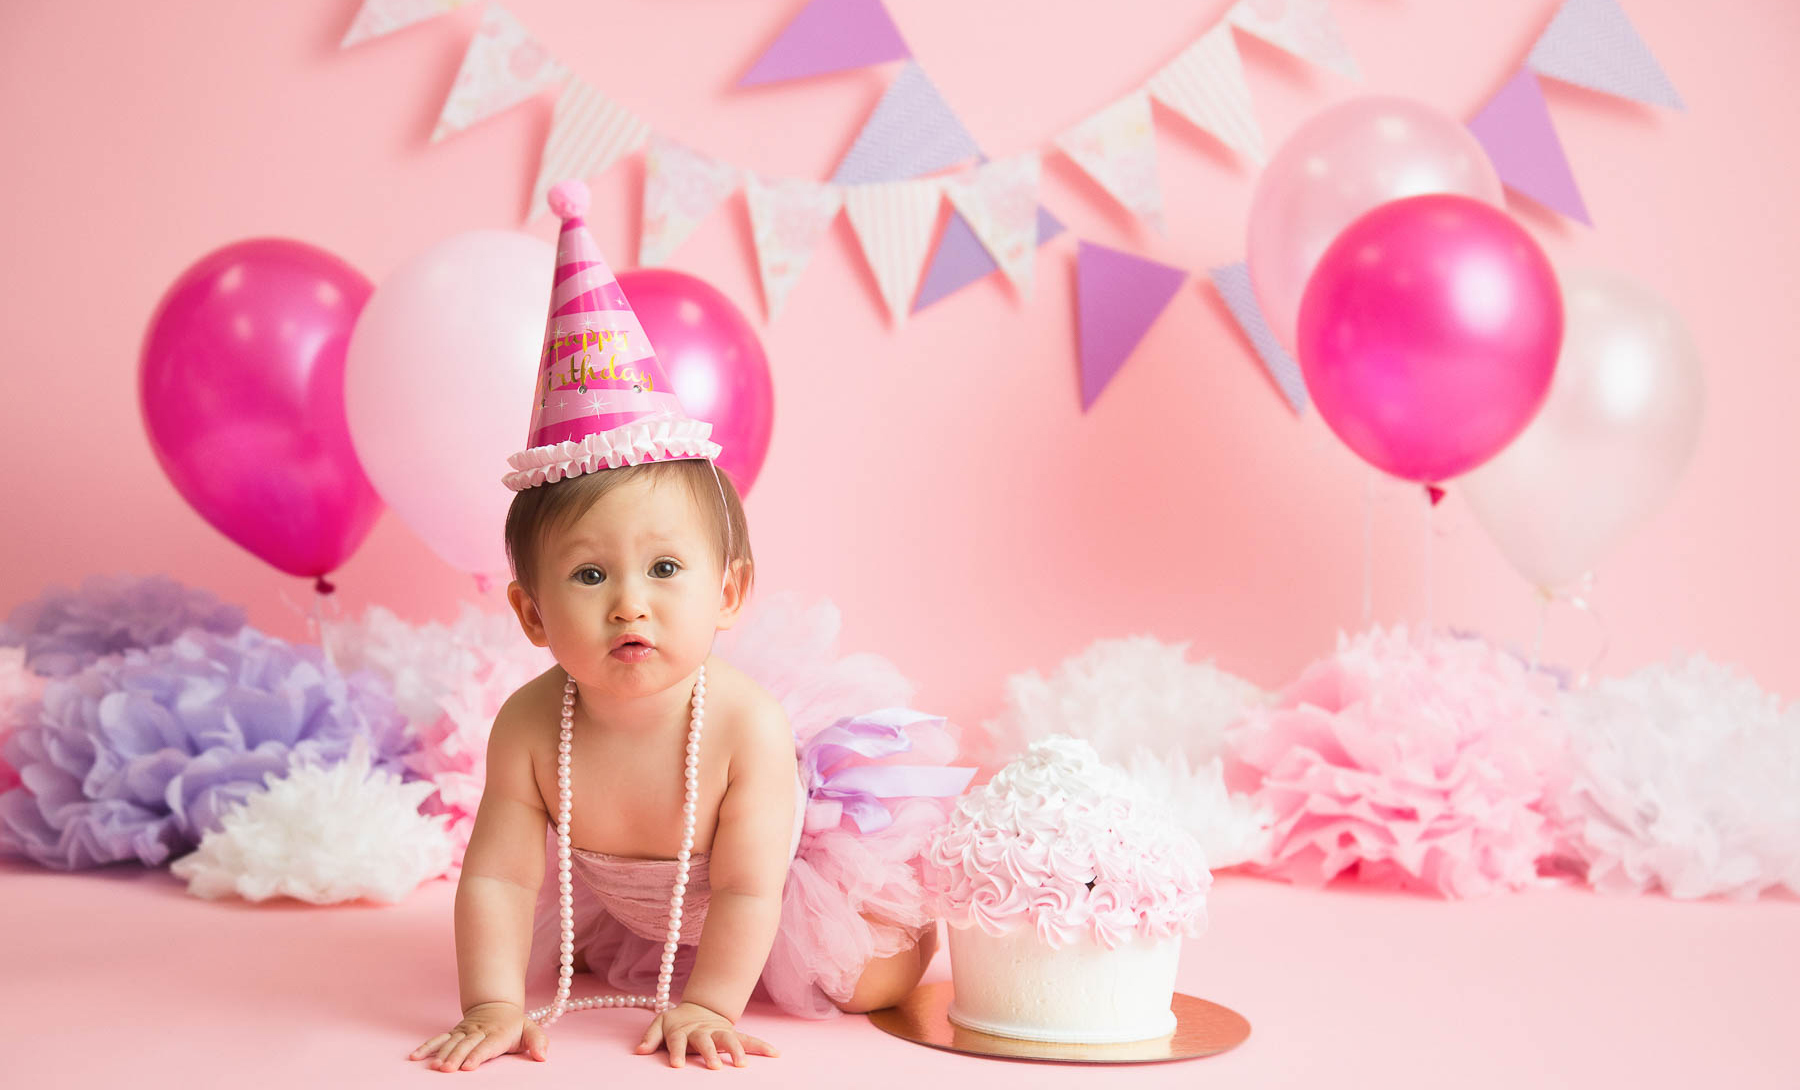 Картинки парнями, фото день рождения 1 годик девочке